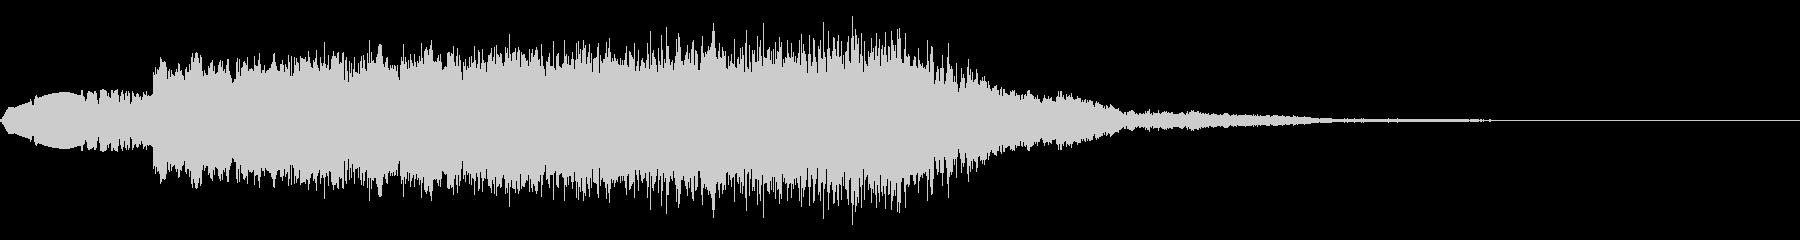 レベルアップ・ワープする音の未再生の波形